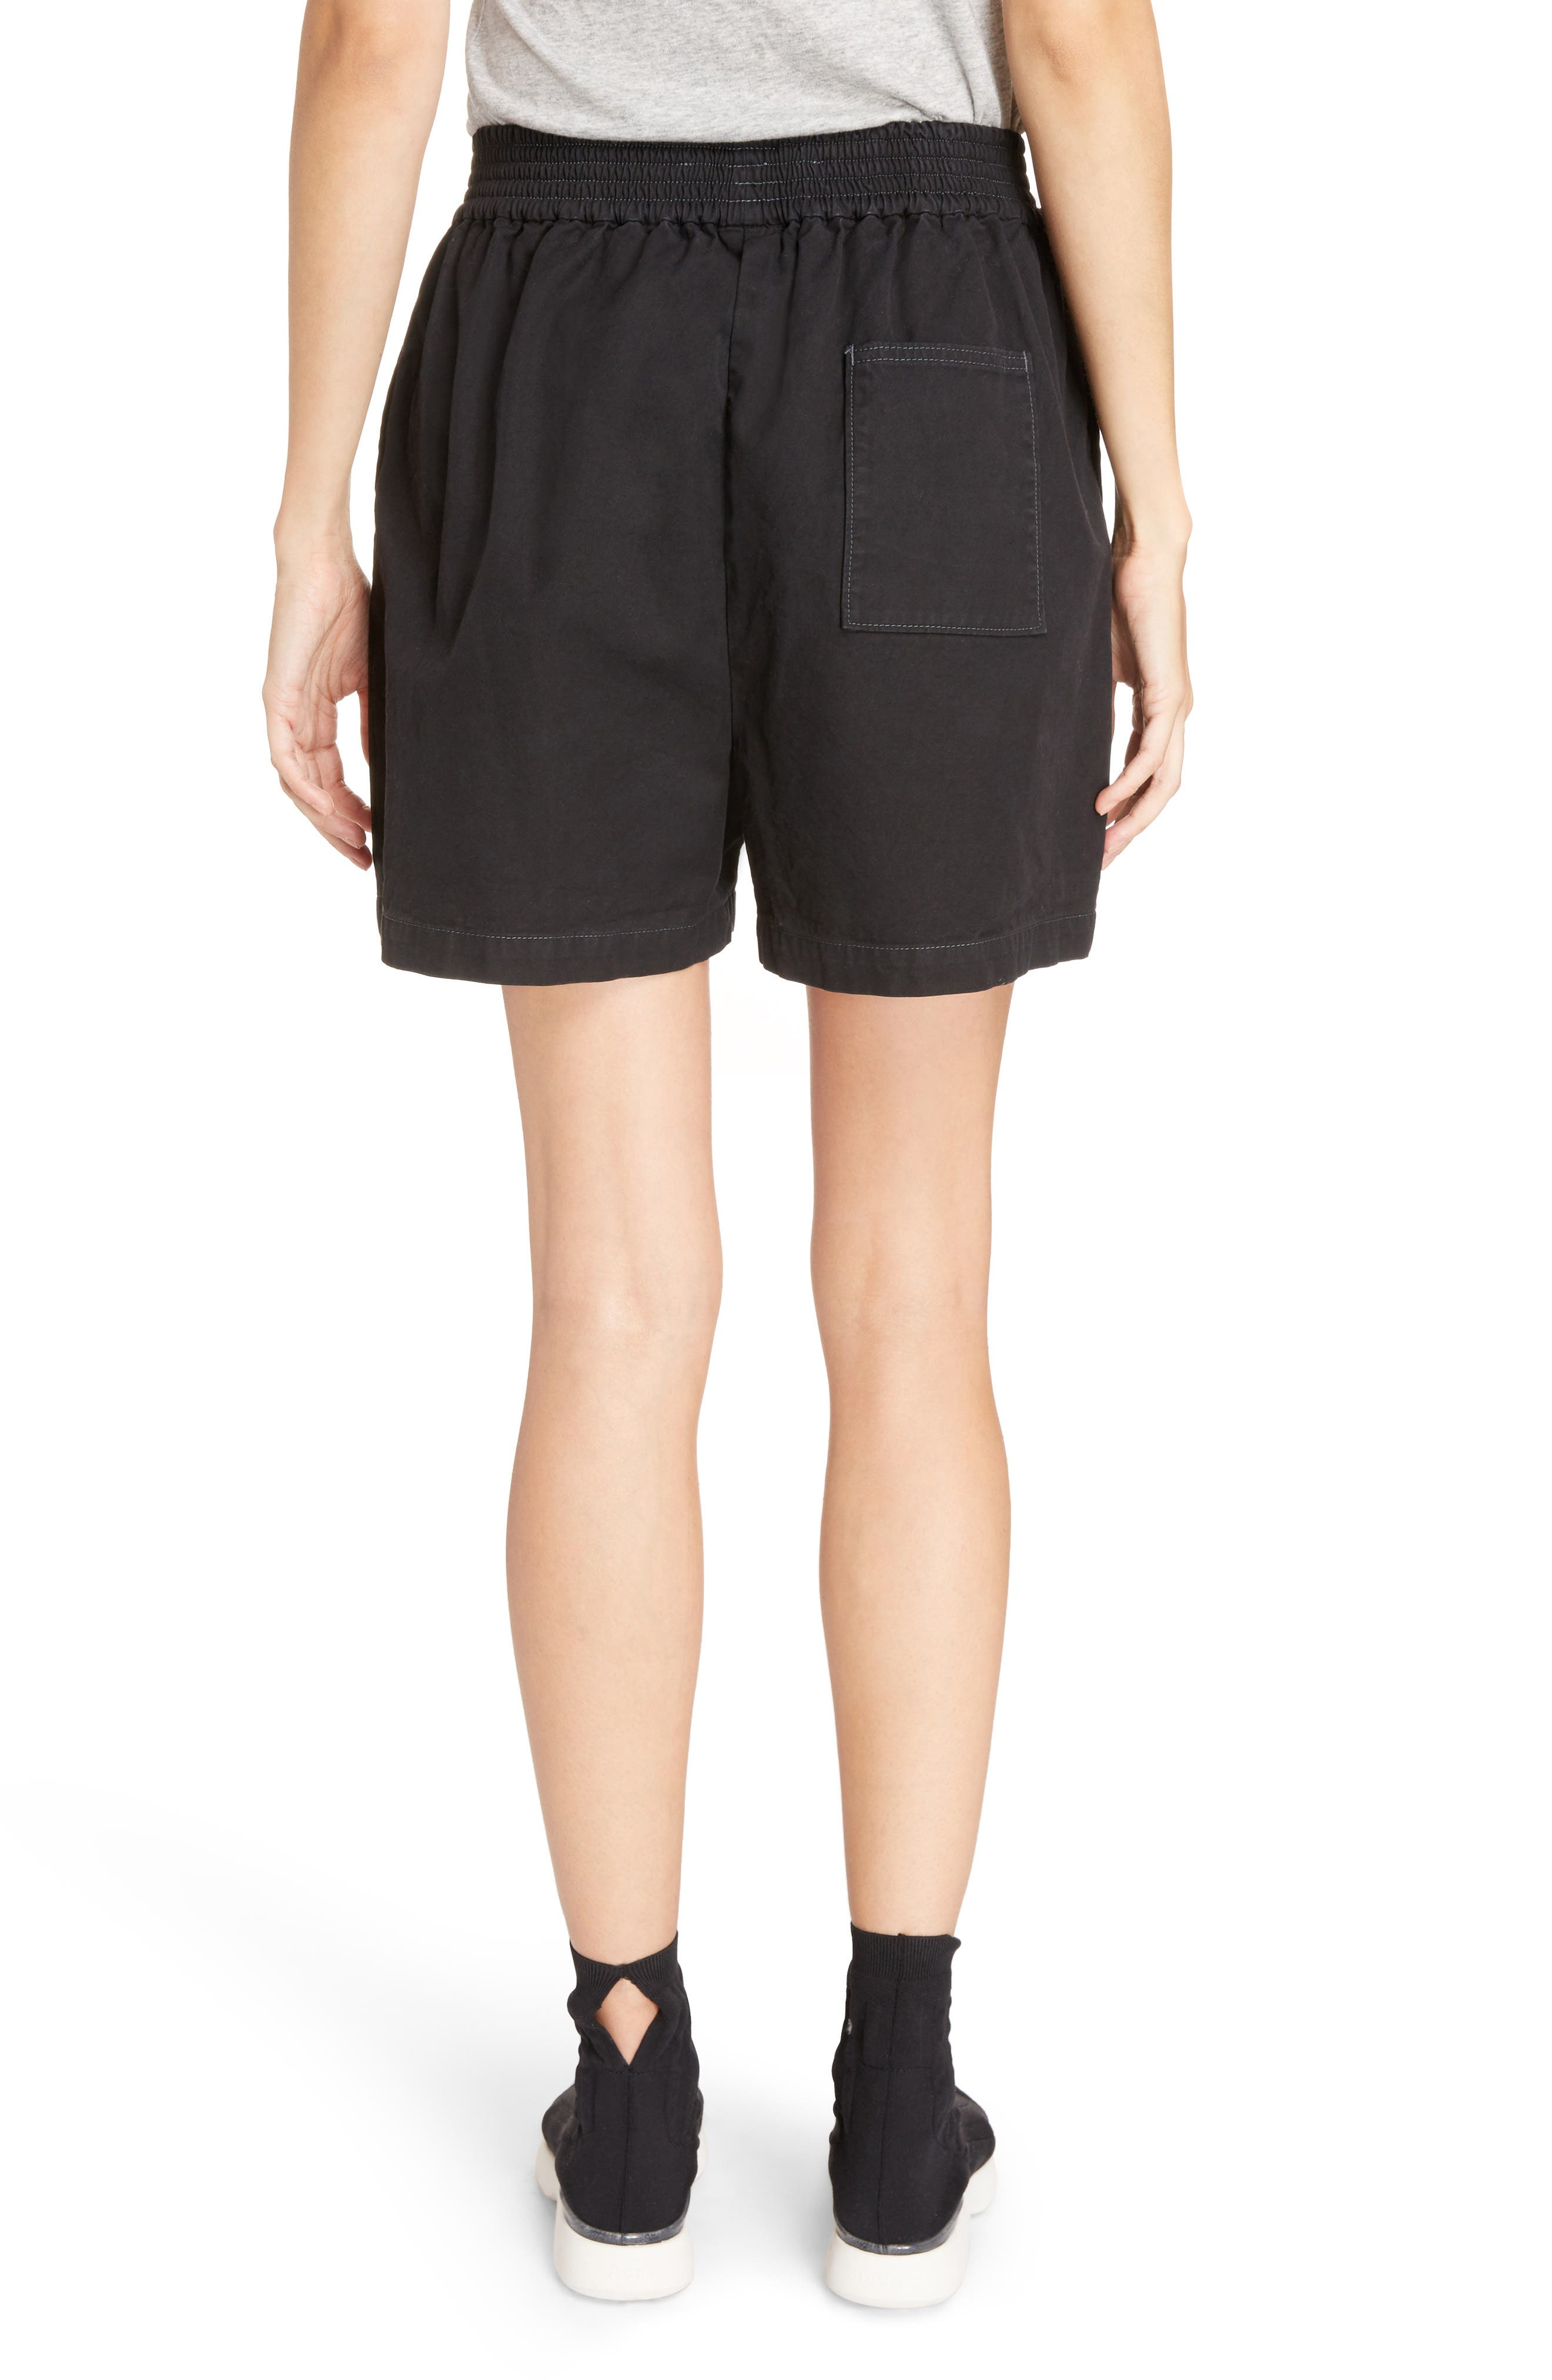 Marit Chino Shorts,                             Alternate thumbnail 2, color,                             001